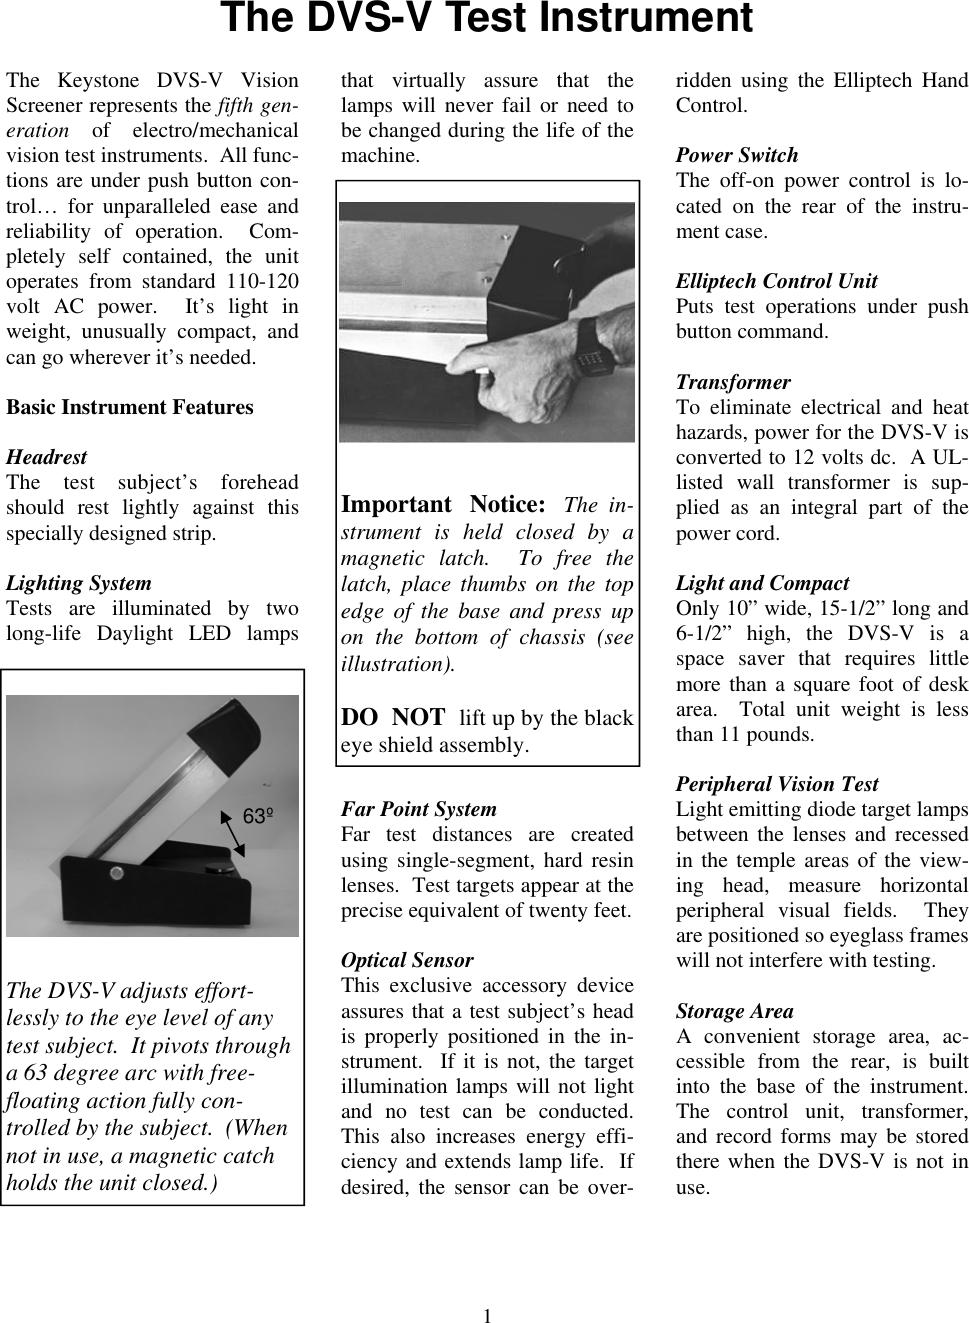 Keystone Projector 1157 Users Manual DVS V Elliptech V 1